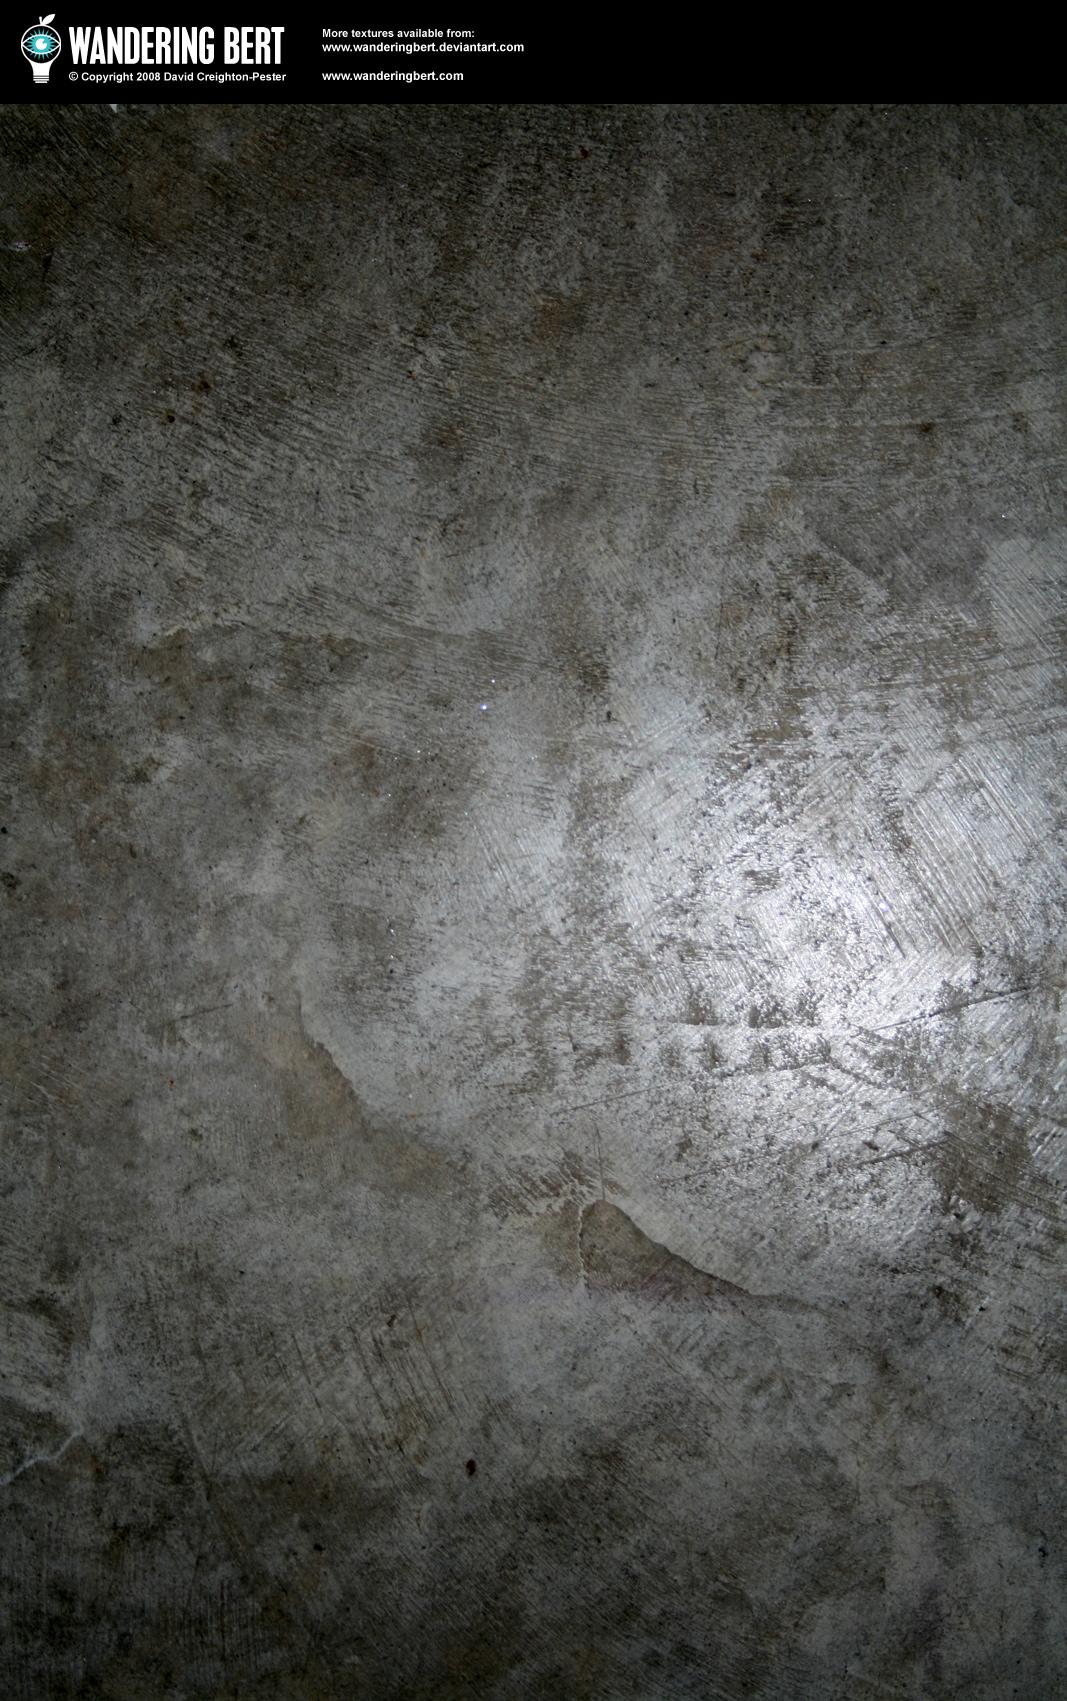 Concrete Floor by WanderingBert